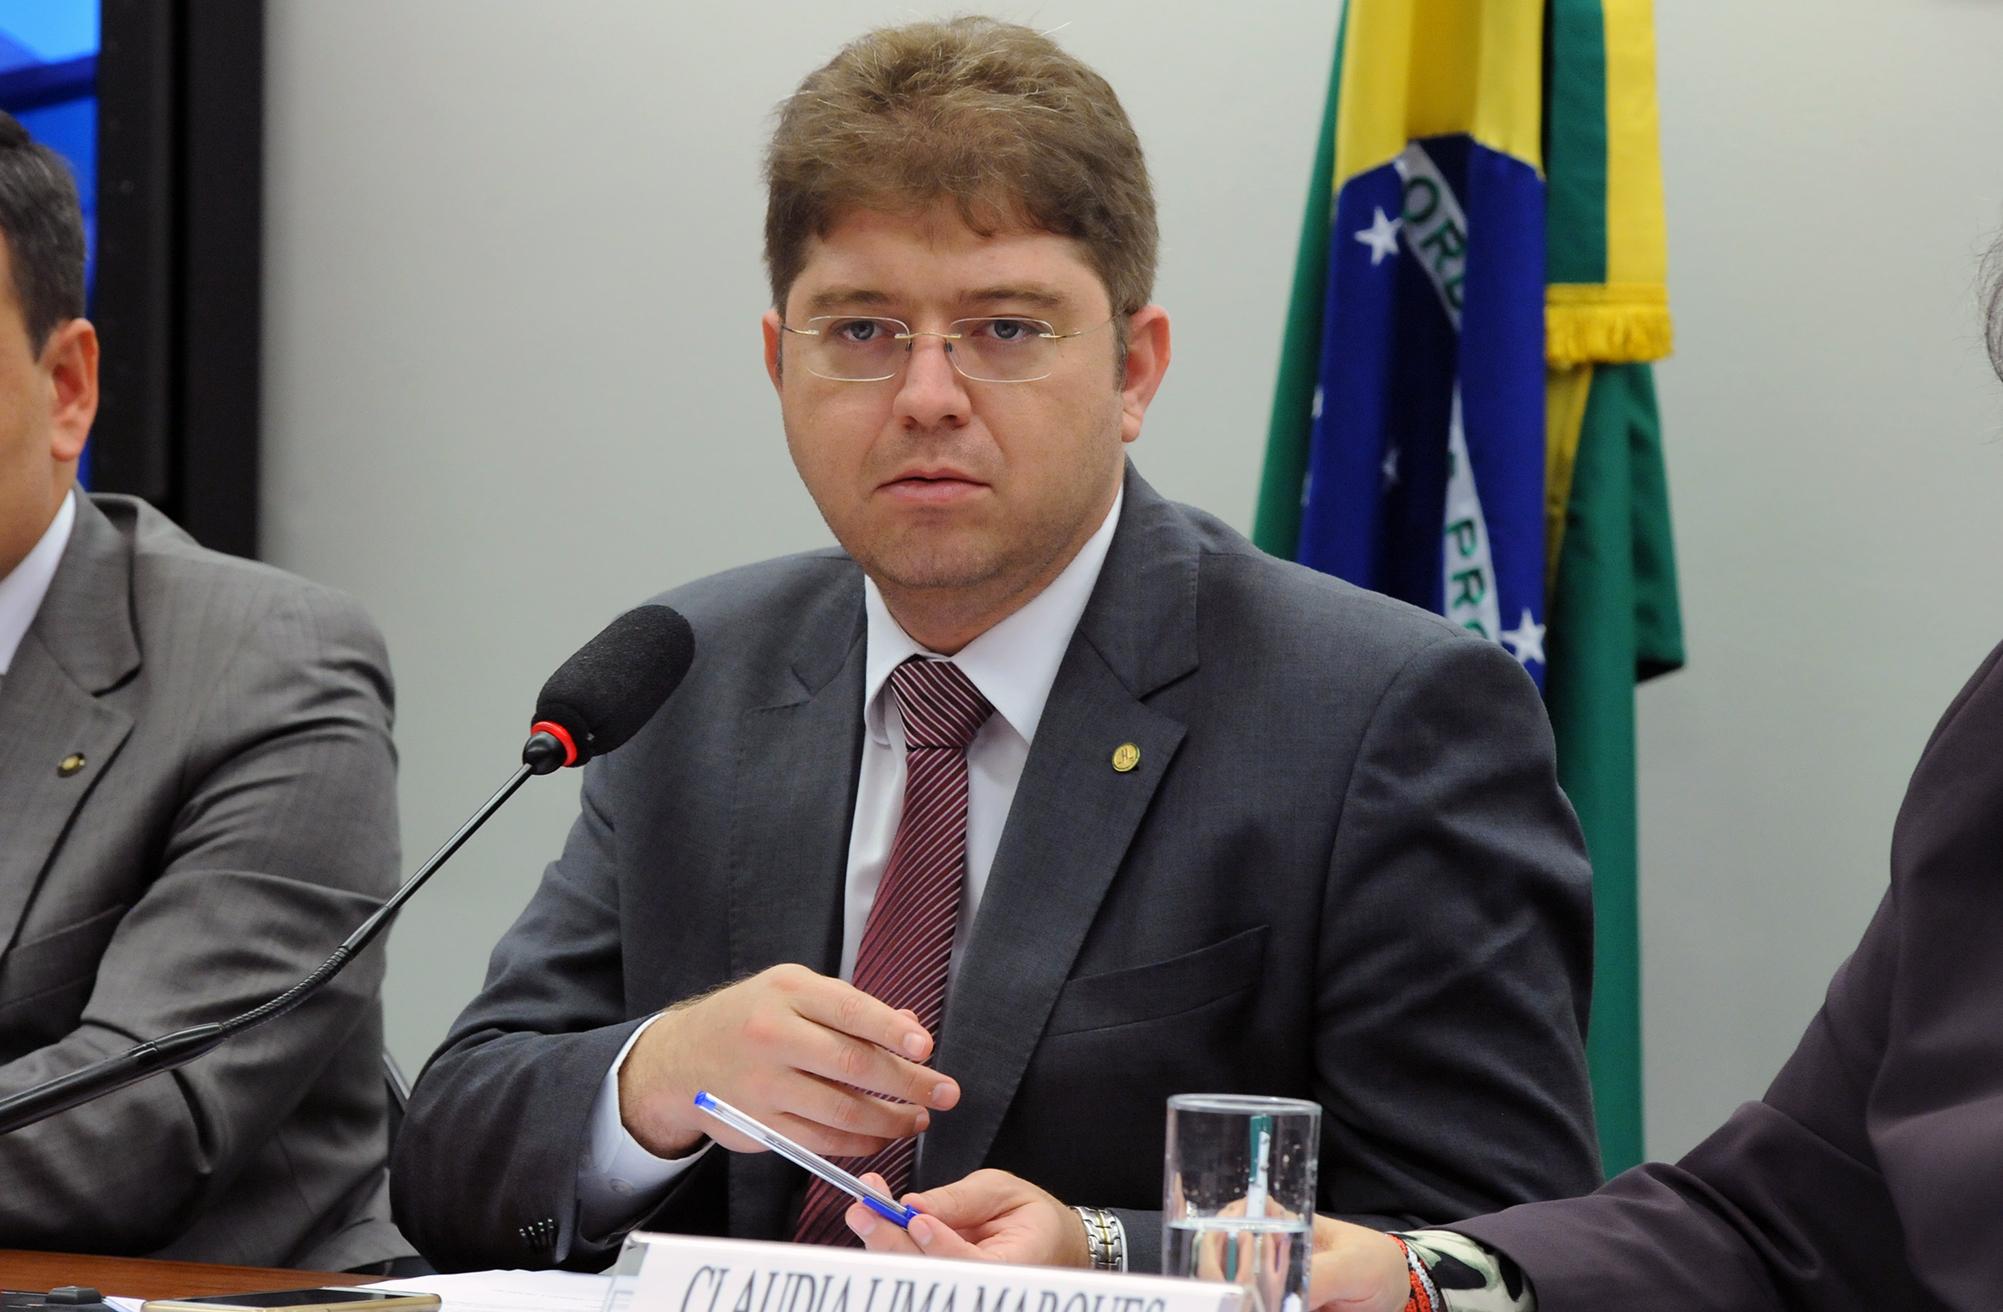 Audiência pública sobre a publicidade direcionada à criança no âmbito do PL 3515/15, que dispõe sobre a prevenção e o tratamento do superendividamento. Dep. Rodrigo Martins (PSB - PI)